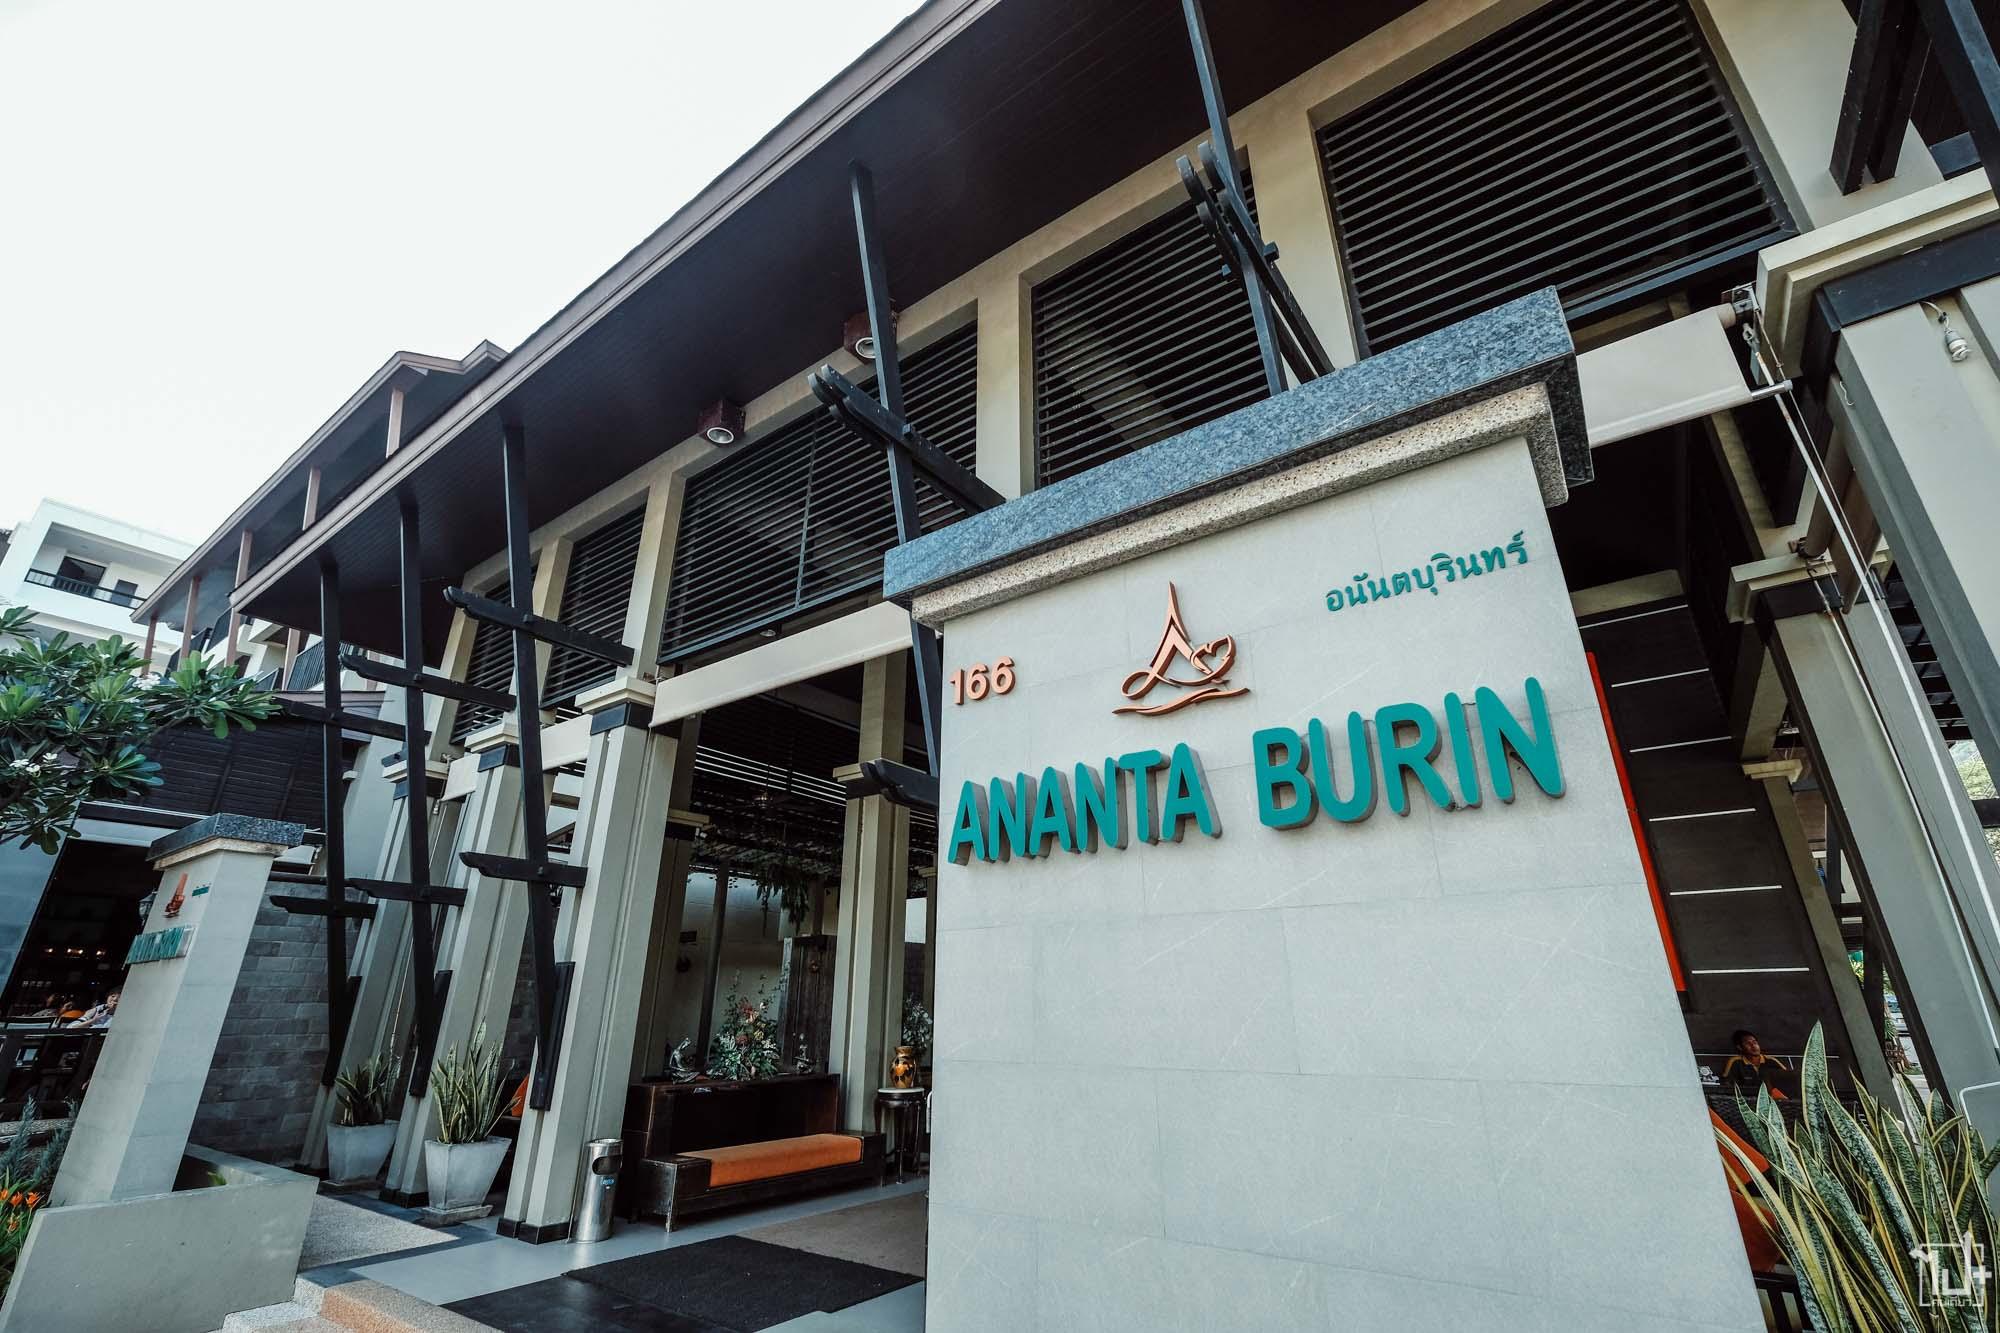 Ananta Burin Resort, Aonang, Krabi, Baan ton mai cafe krabi, Sanim coffee, Resort, อนันตบุรินทร์รีสอร์ท, อ่าวนาง, กระบี่, เมืองกระบี่, บ้านต้นไม้คาเฟ่, หาดอ่าวนาง, หาดนพรัตน์ธารา, วังทรายซีฟู้ด, คาเฟ่, คาเฟ่กระบี่, ร้านน่านั่ง, คลองสน, ที่พักกระบี่, ที่พักอ่าวนาง